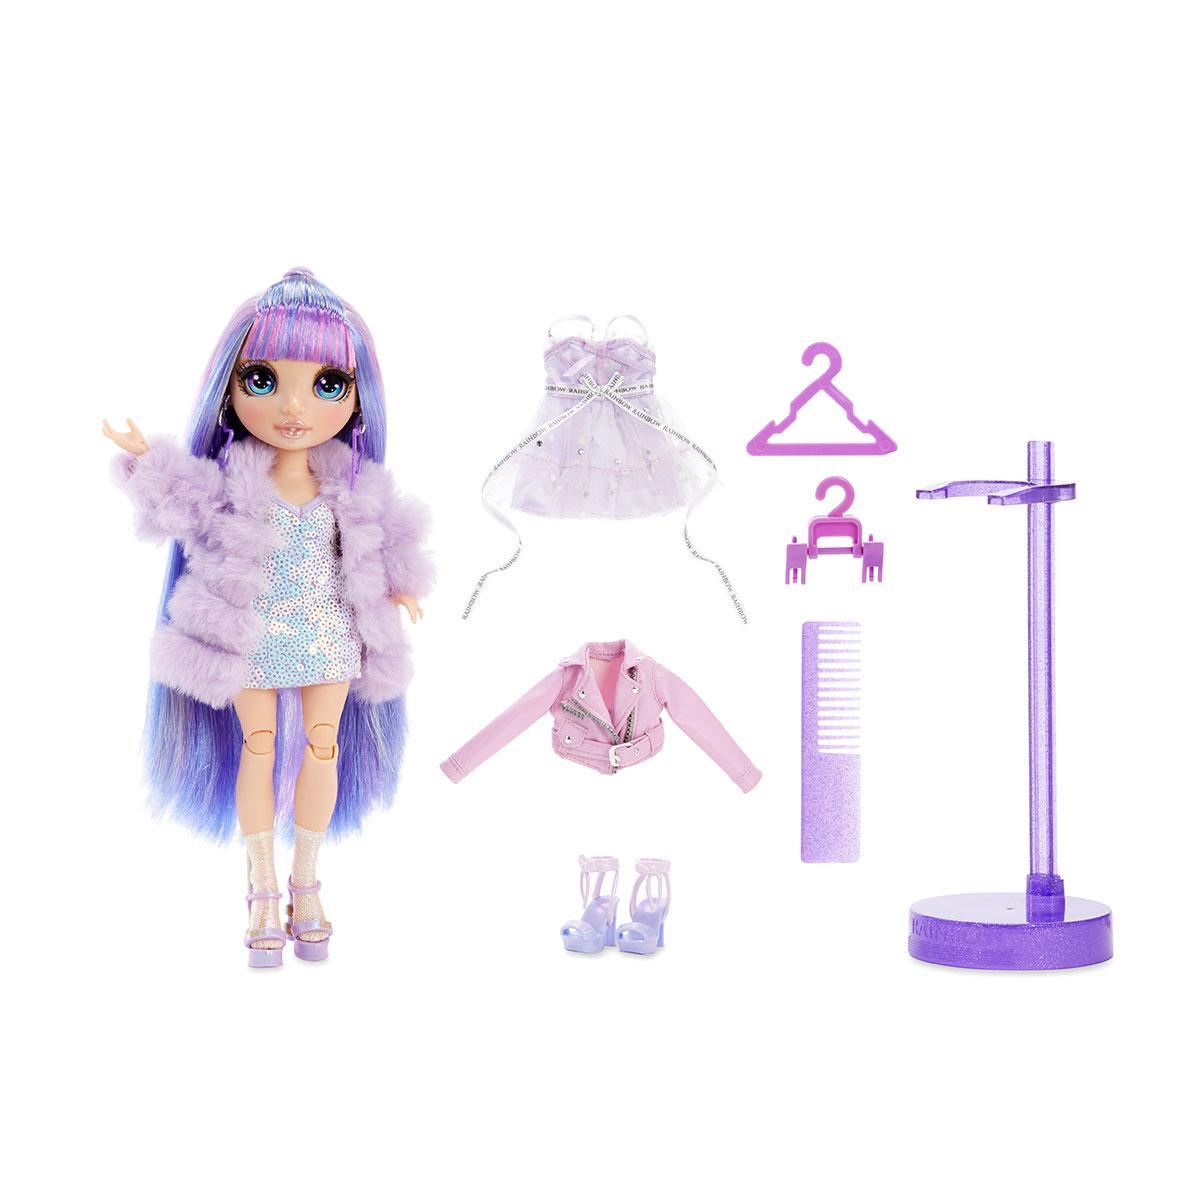 Кукла Rainbow High - Виолетта с одеждой. Оригинал из США